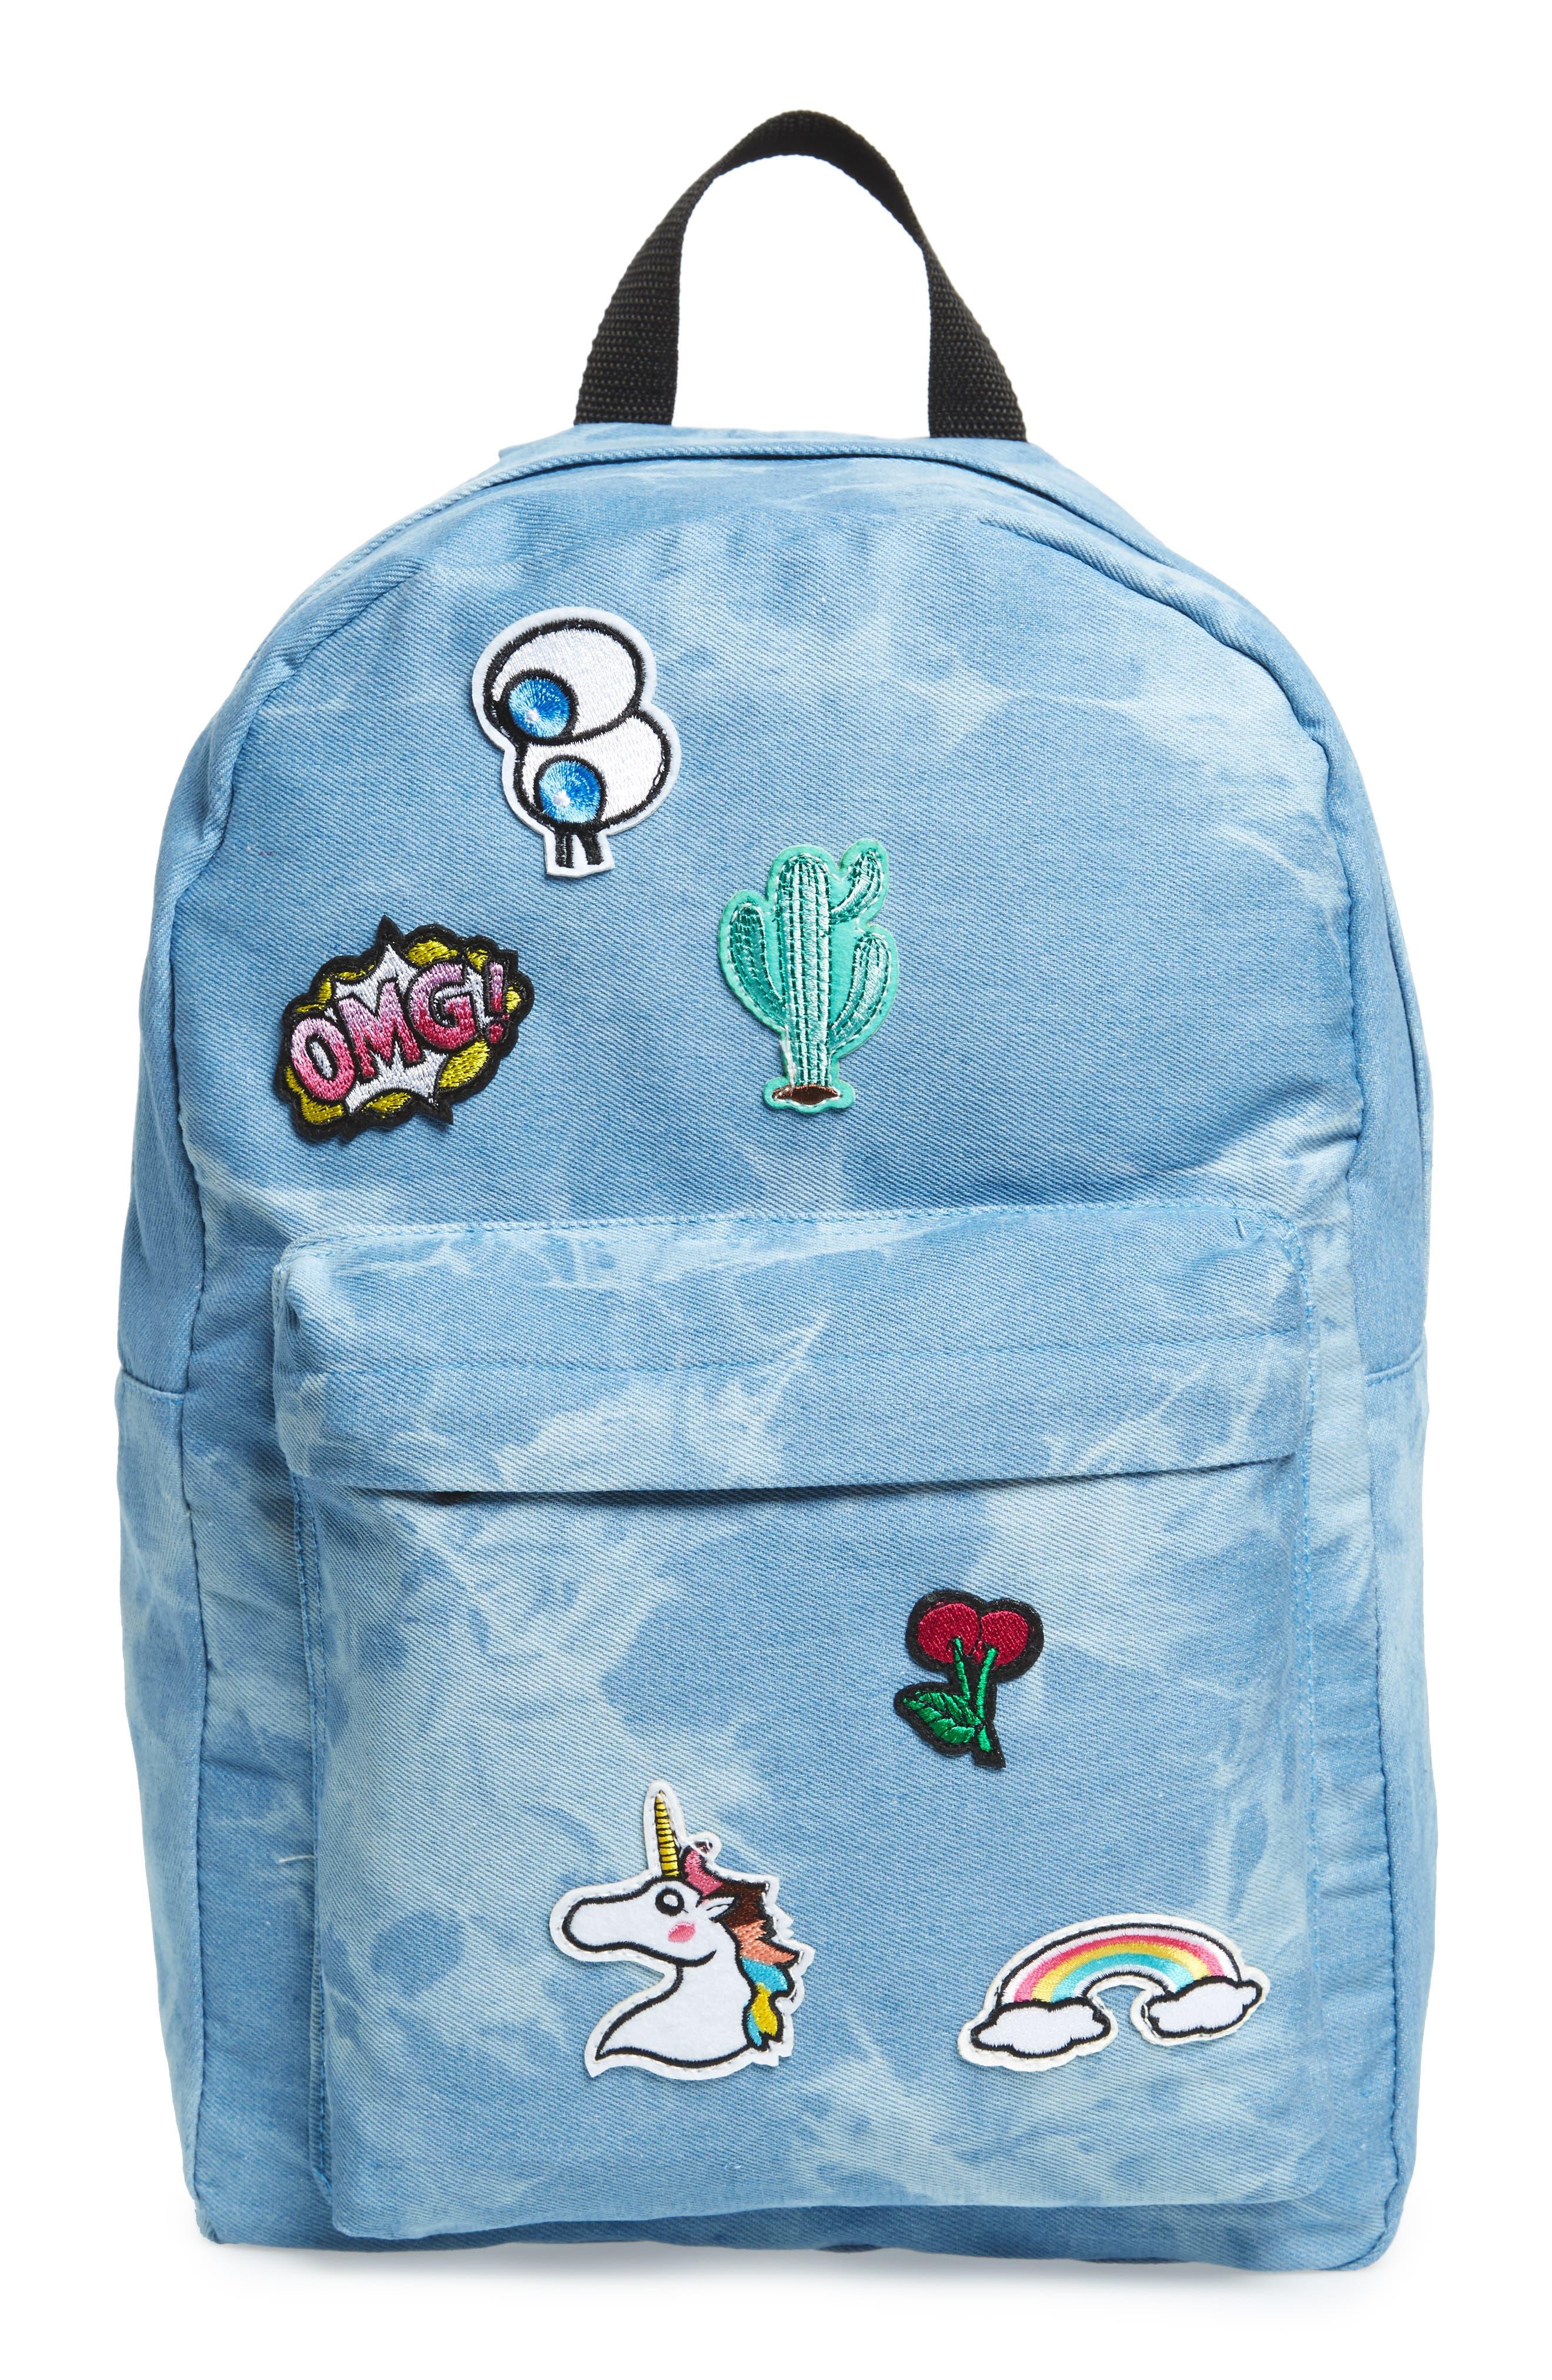 THE ACCESSORY COLLECTIVE Accessory Collective Tie Dye Backpack